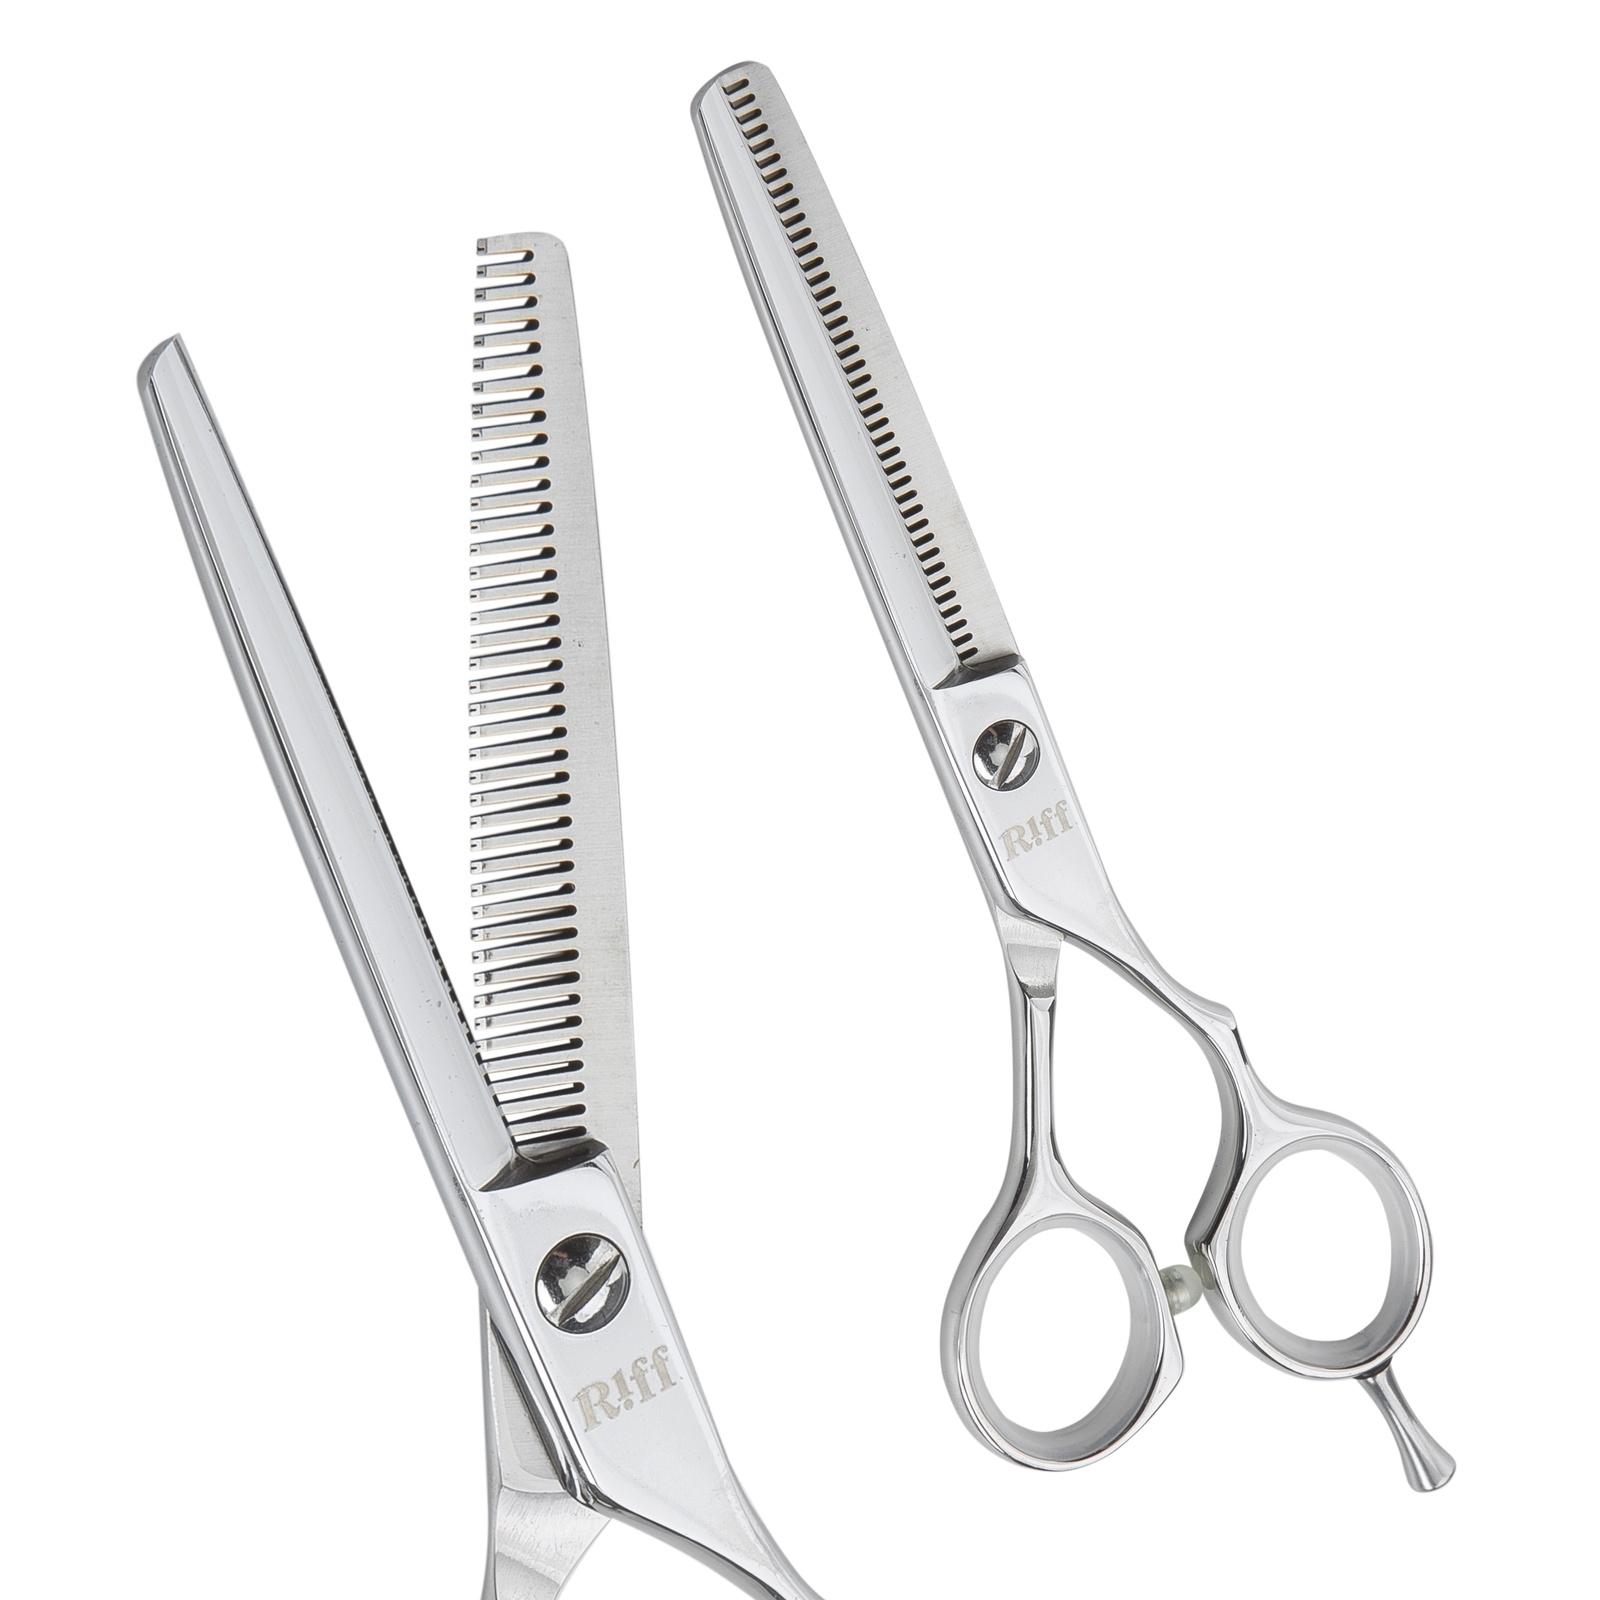 Ножницы парикмахерские филировочные RIFF Master, AMT046040, 6 дюймов